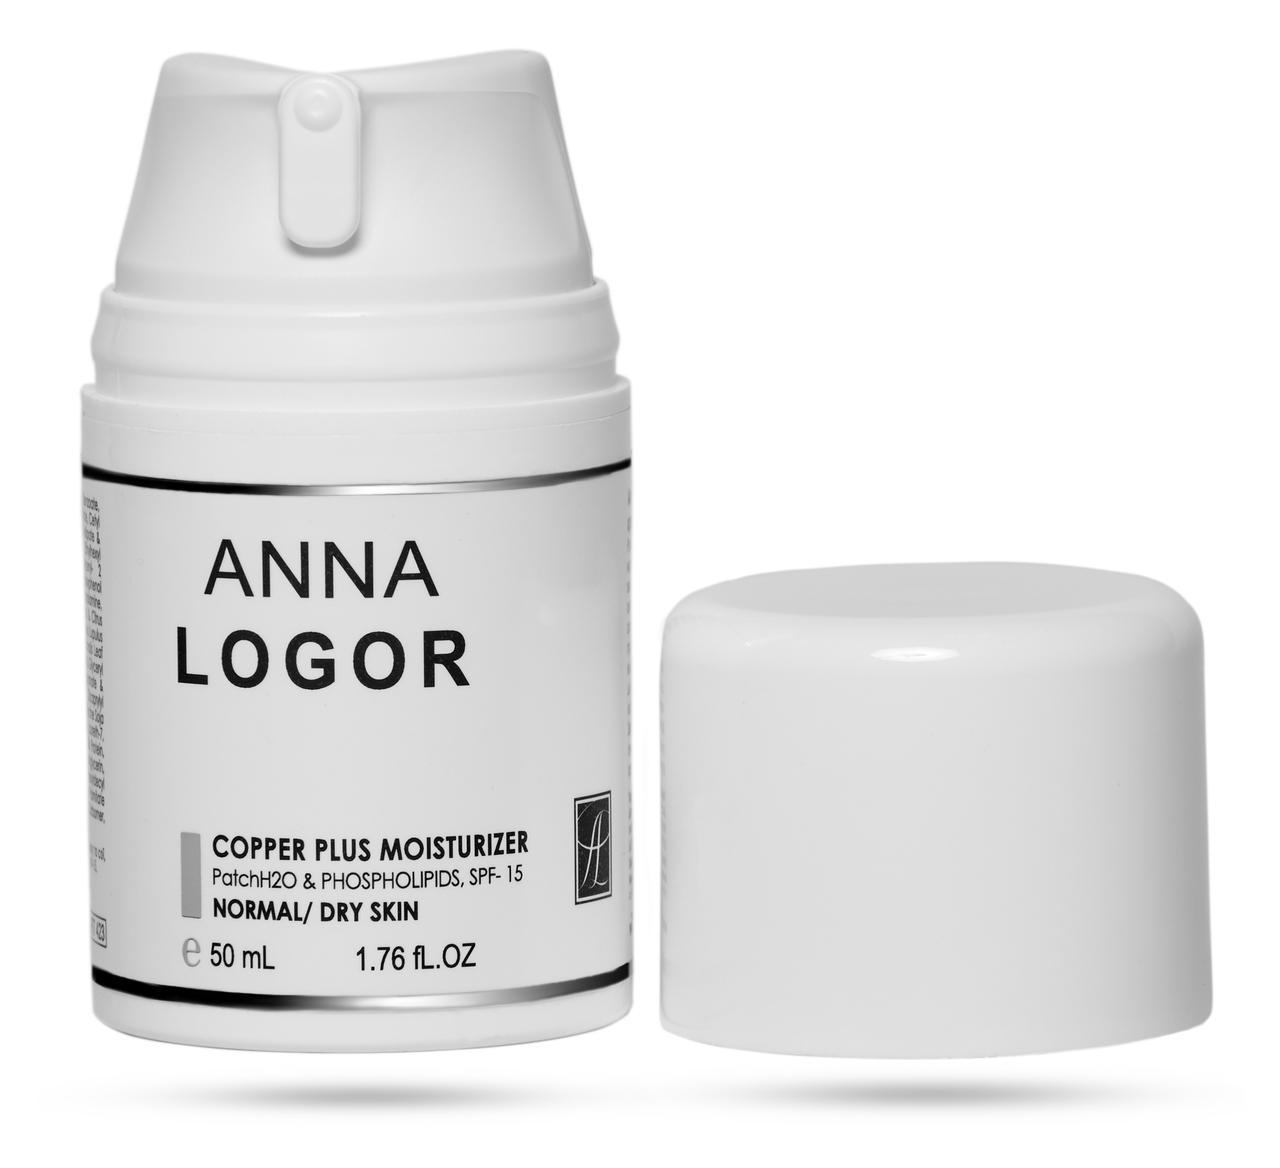 Анти–оксидантний, зволожуючий крем Анна Логор / Anna Logor Copper Plus Moisturizer 50 мл Код 423